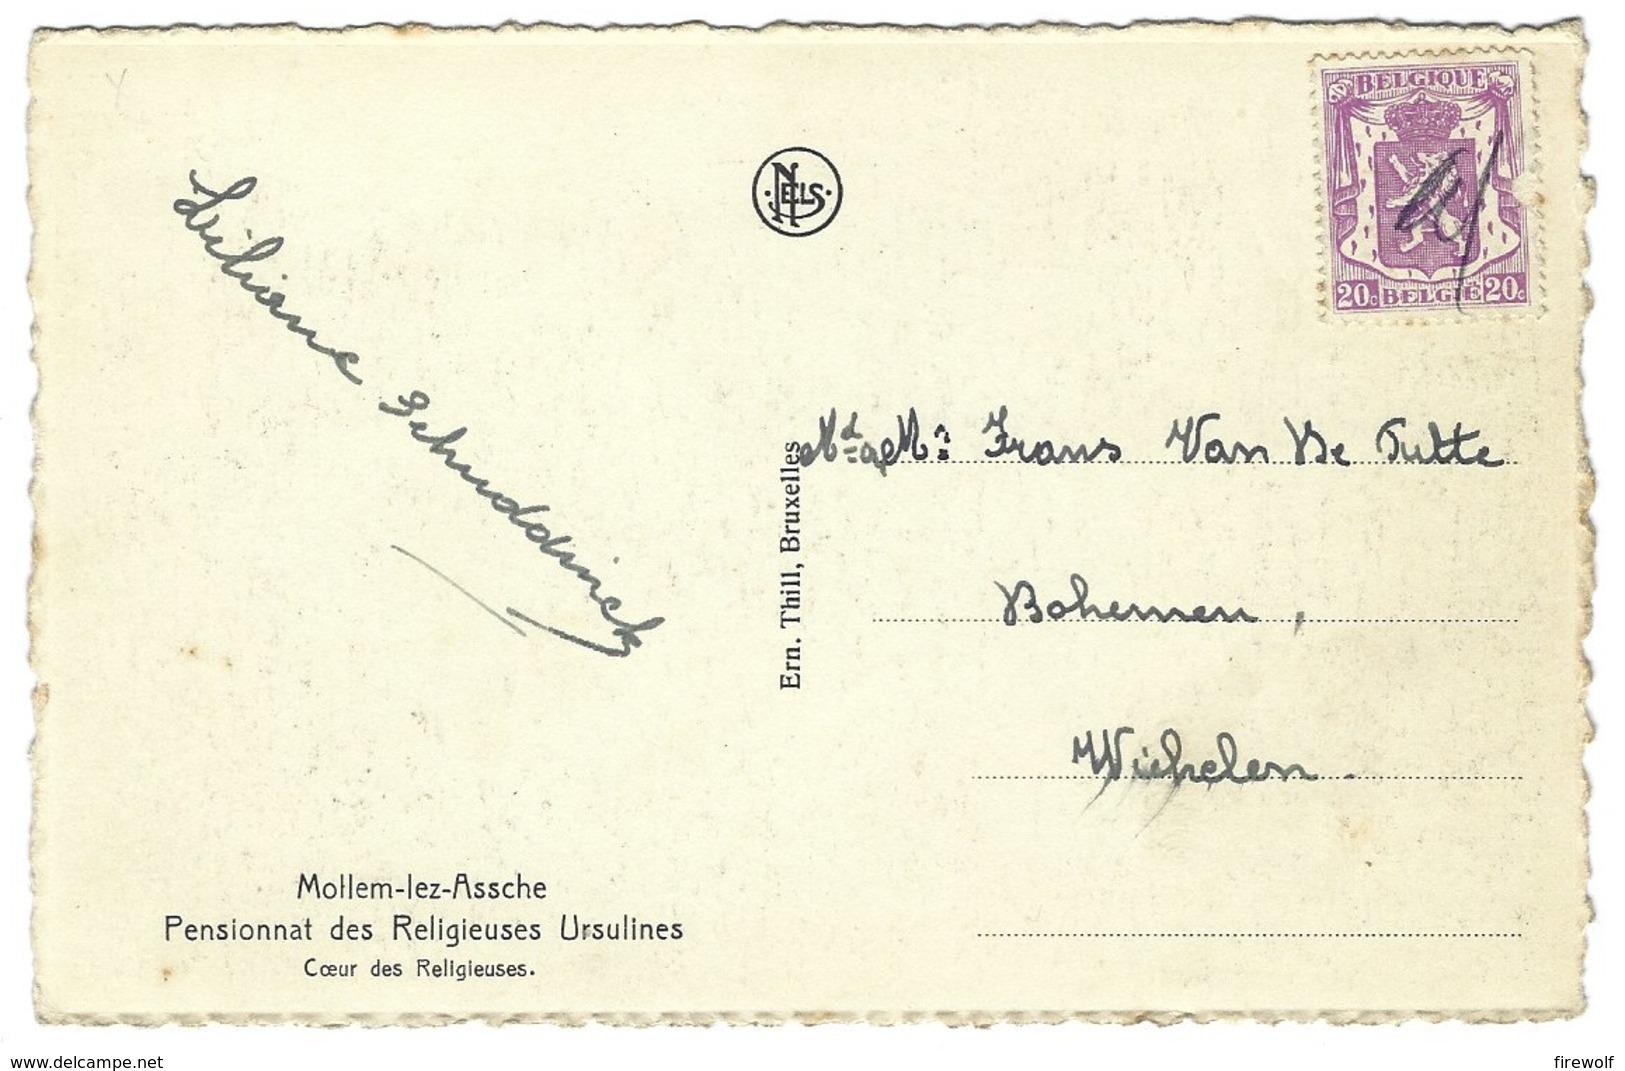 X08 - Mollem-lez-Assche - Pensionnat Des Religieuses Ursulines - Coeur Des Religieuses - Asse